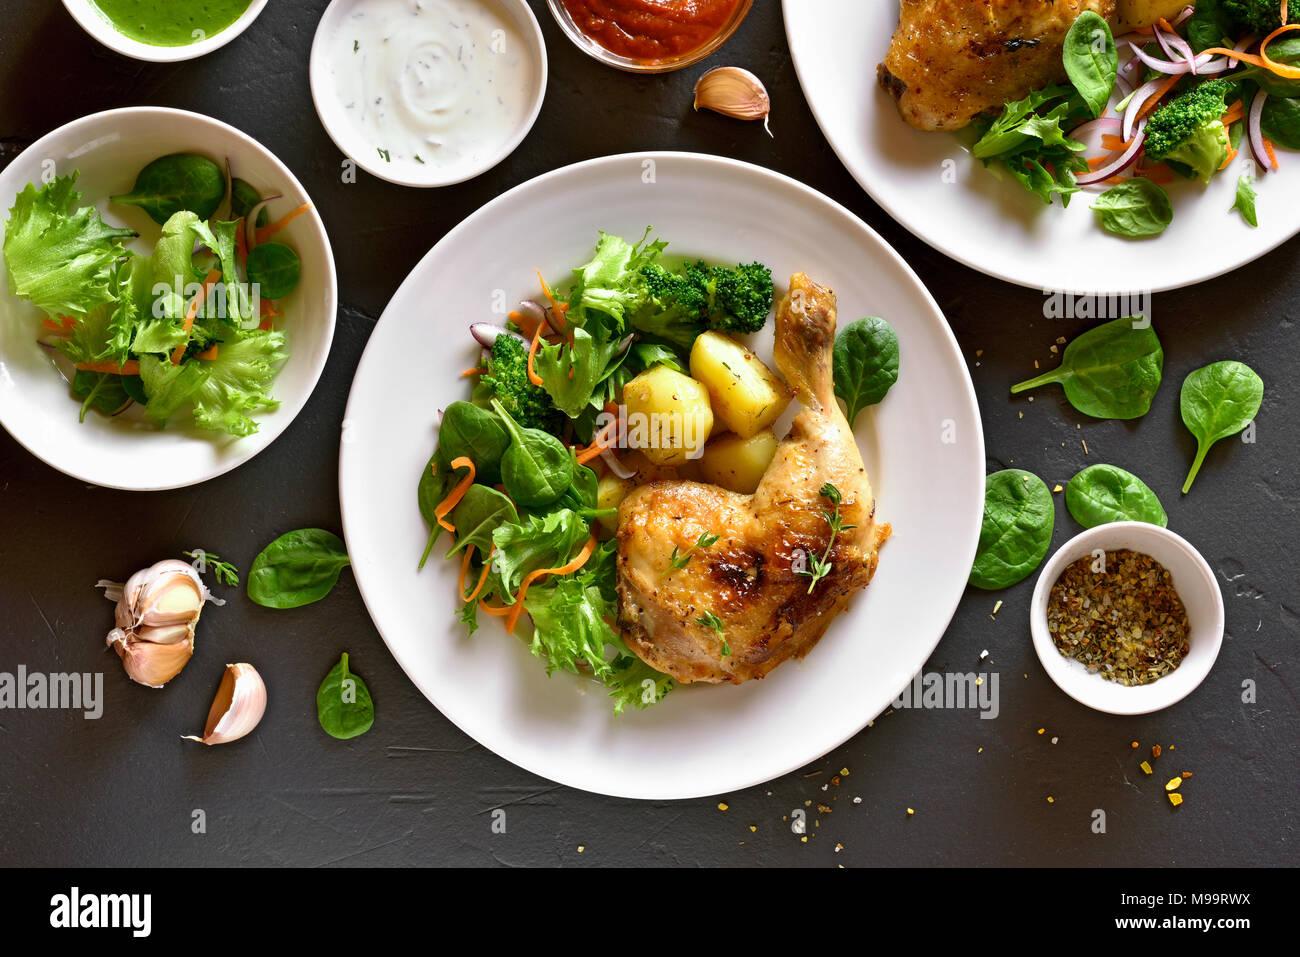 Leckeres gebackenes Huhn Bein mit Kartoffel- und grünem Salat. Gericht zum Abendessen. Ansicht von oben, flach Stockbild